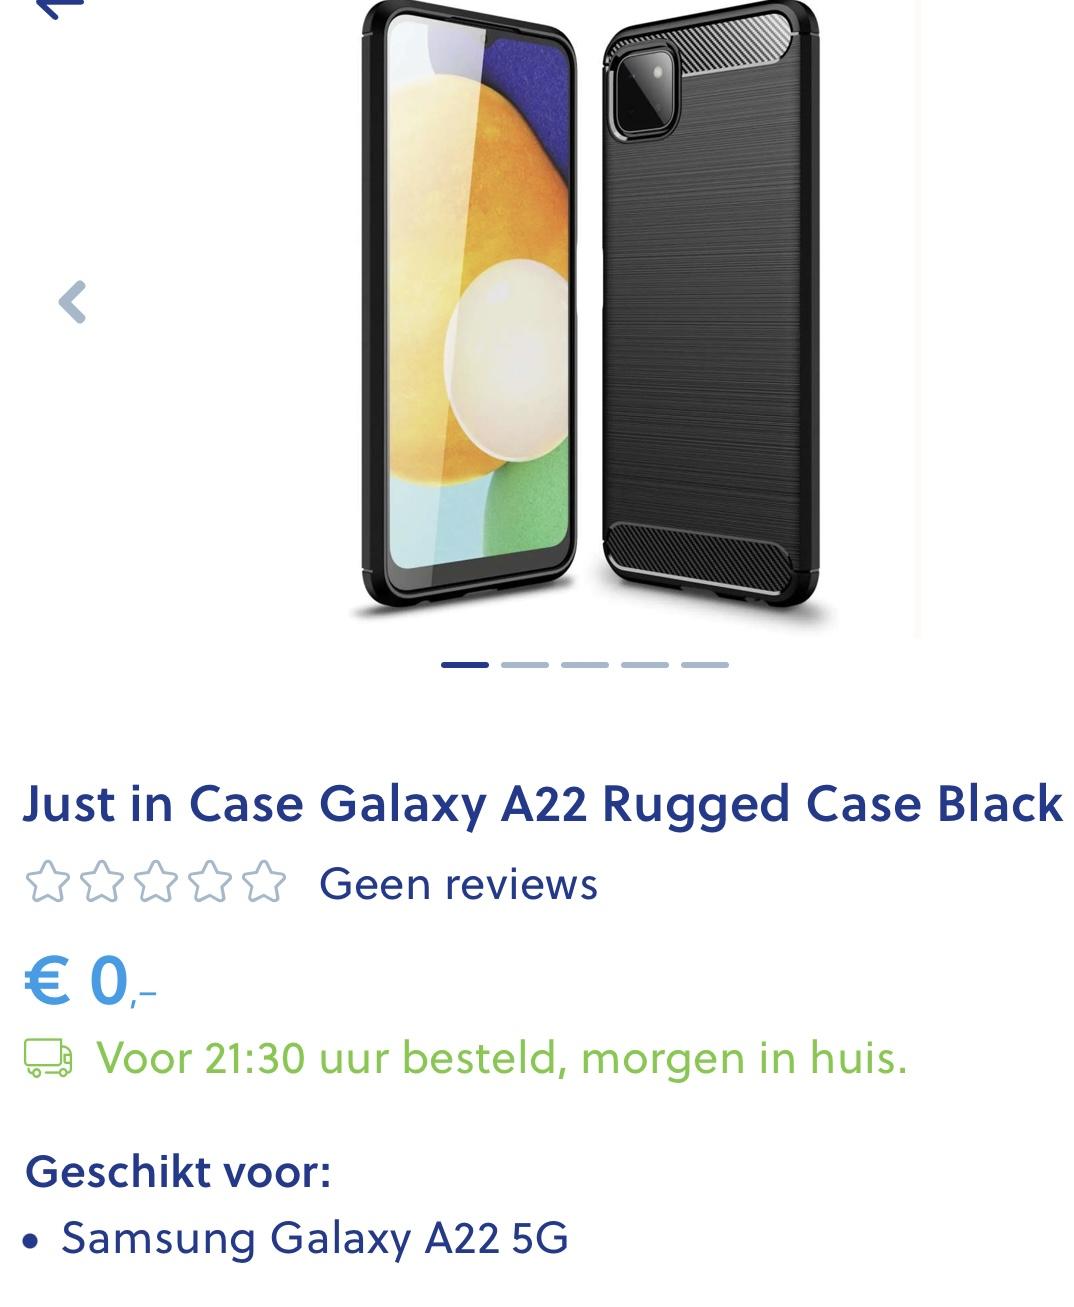 Nog steeds €0,00! Als je doorklikt staat er 0,00! Just in Case Galaxy A22 Rugged Case Black @ mobiel.nl